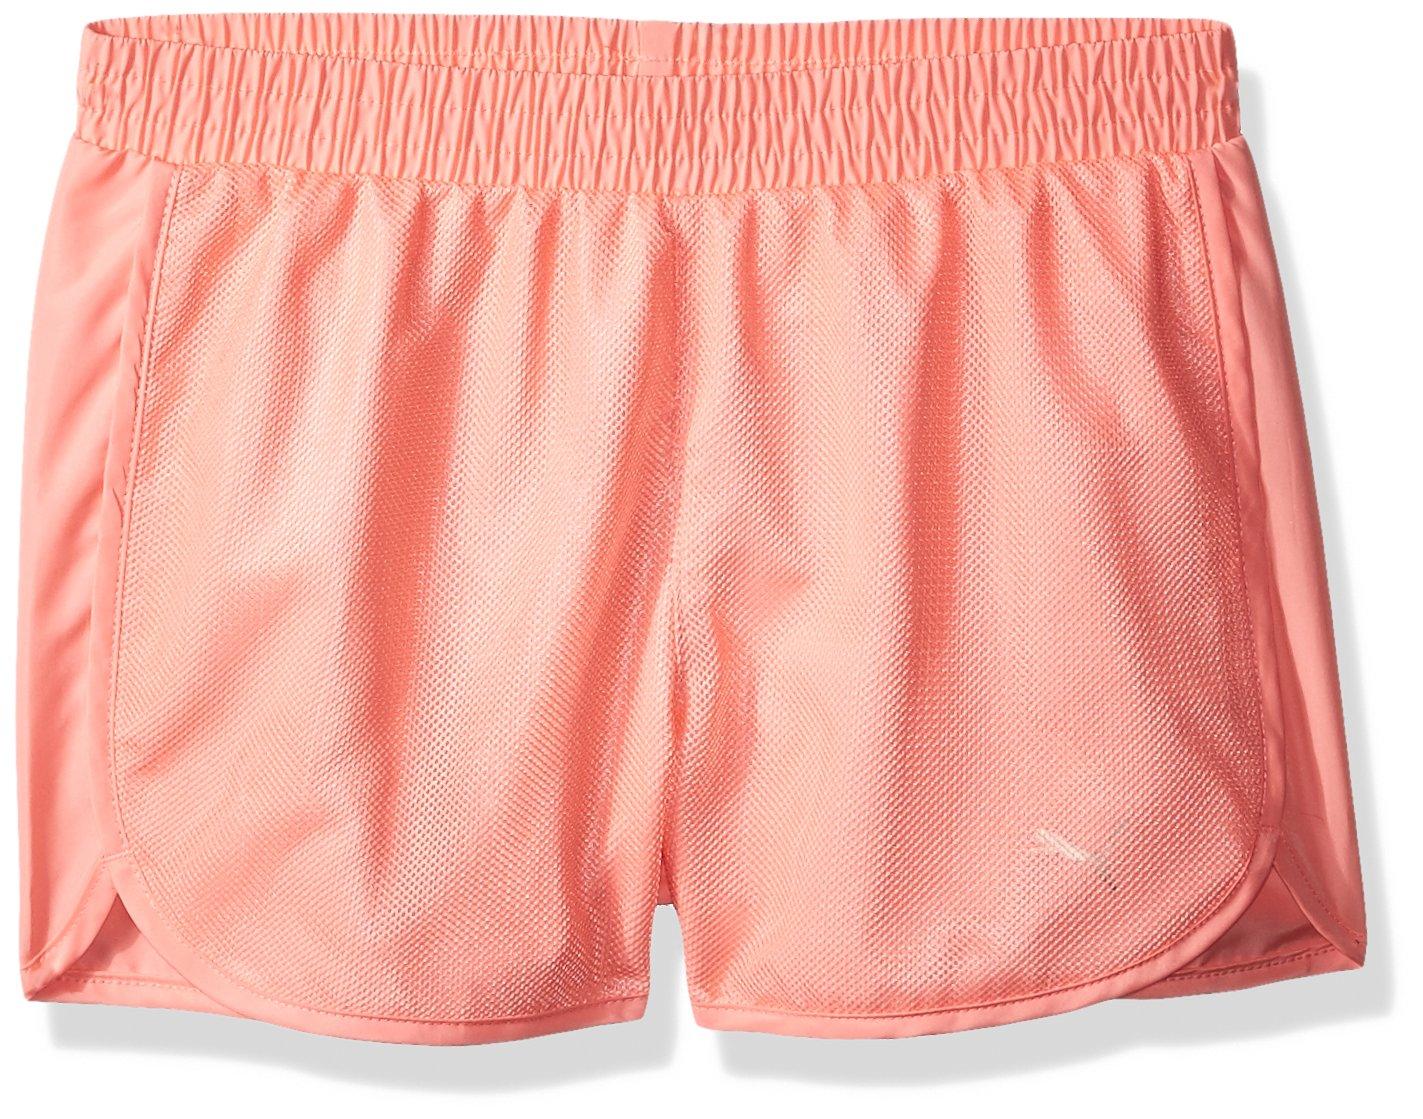 PUMA Girls' Mesh Overlay Shorts